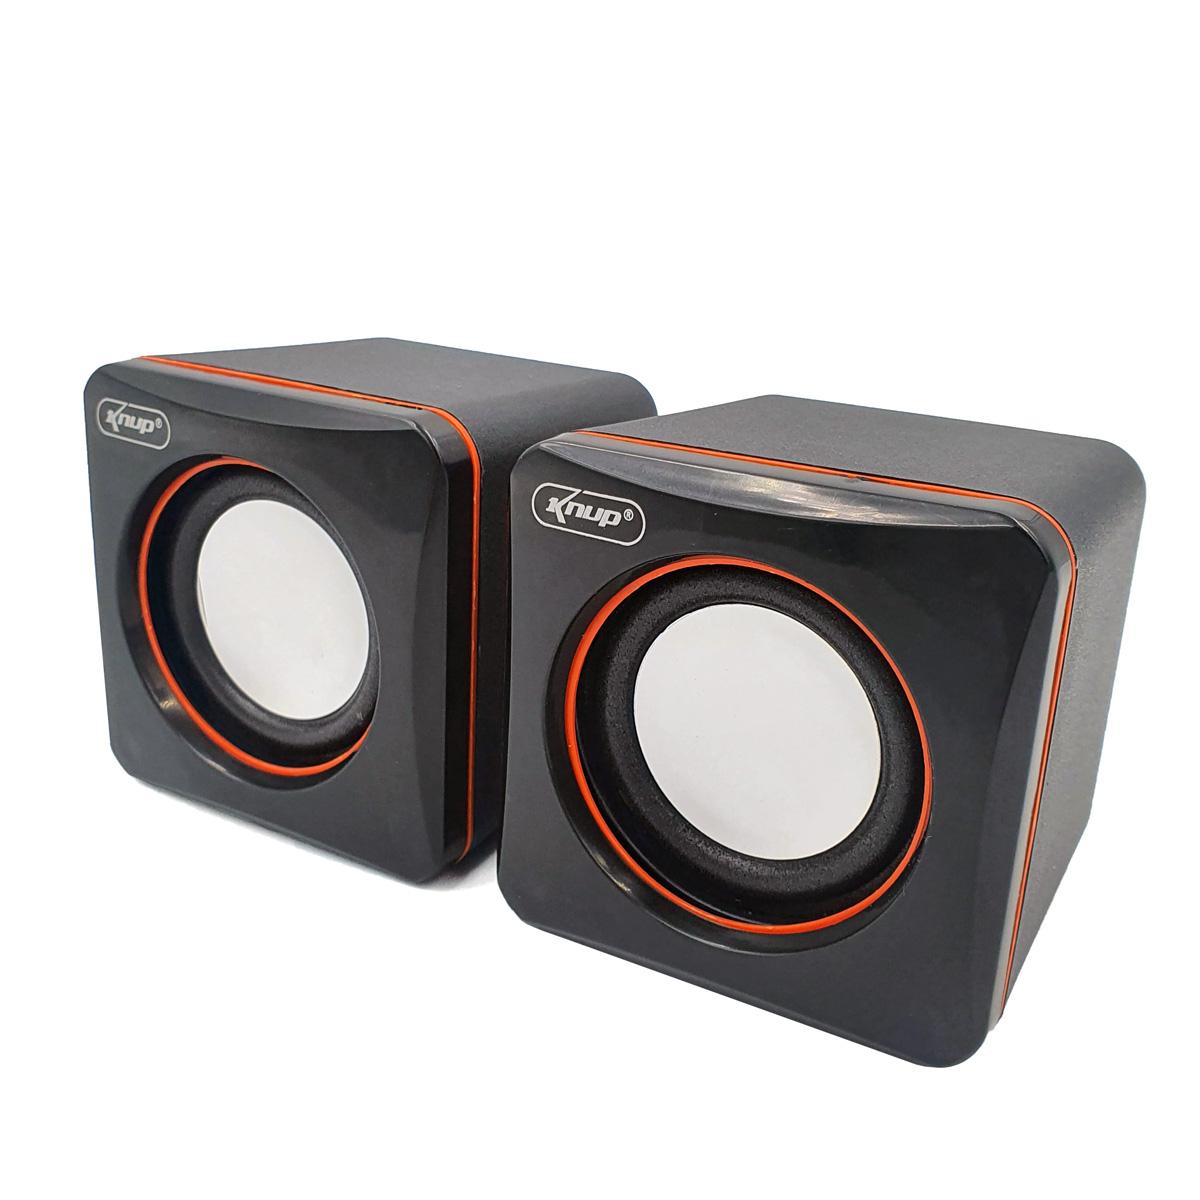 Mini Caixa de Som Auto Falante para PC e Notebook USB KP-600 Knup